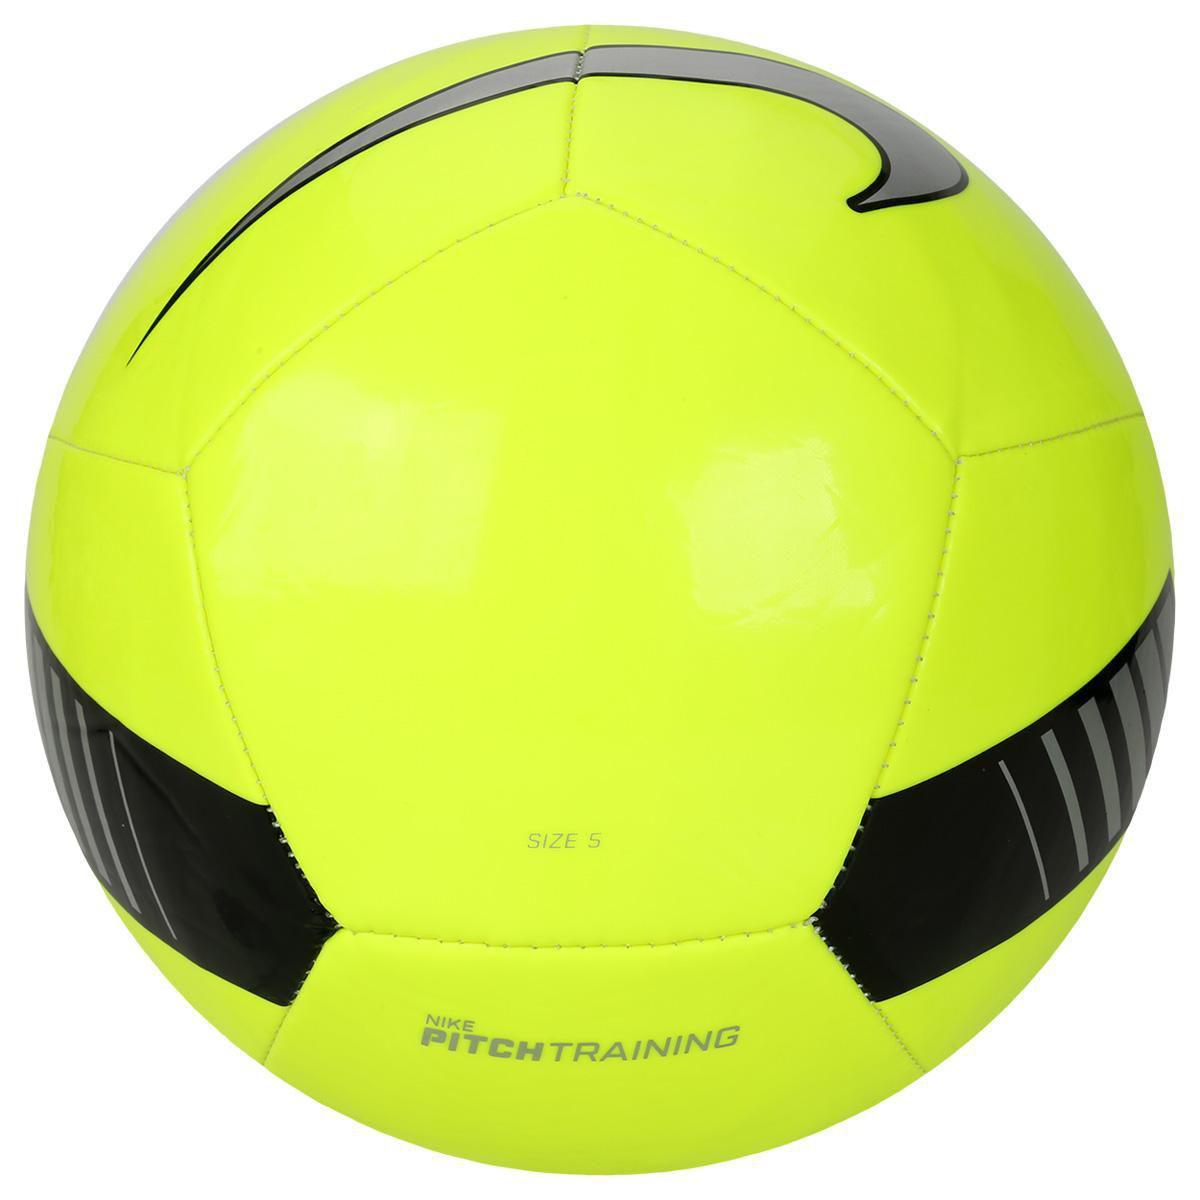 acc7f628db Bola Futebol Campo Nike Pitch Trainning- VERDE - Bola de Futebol ...